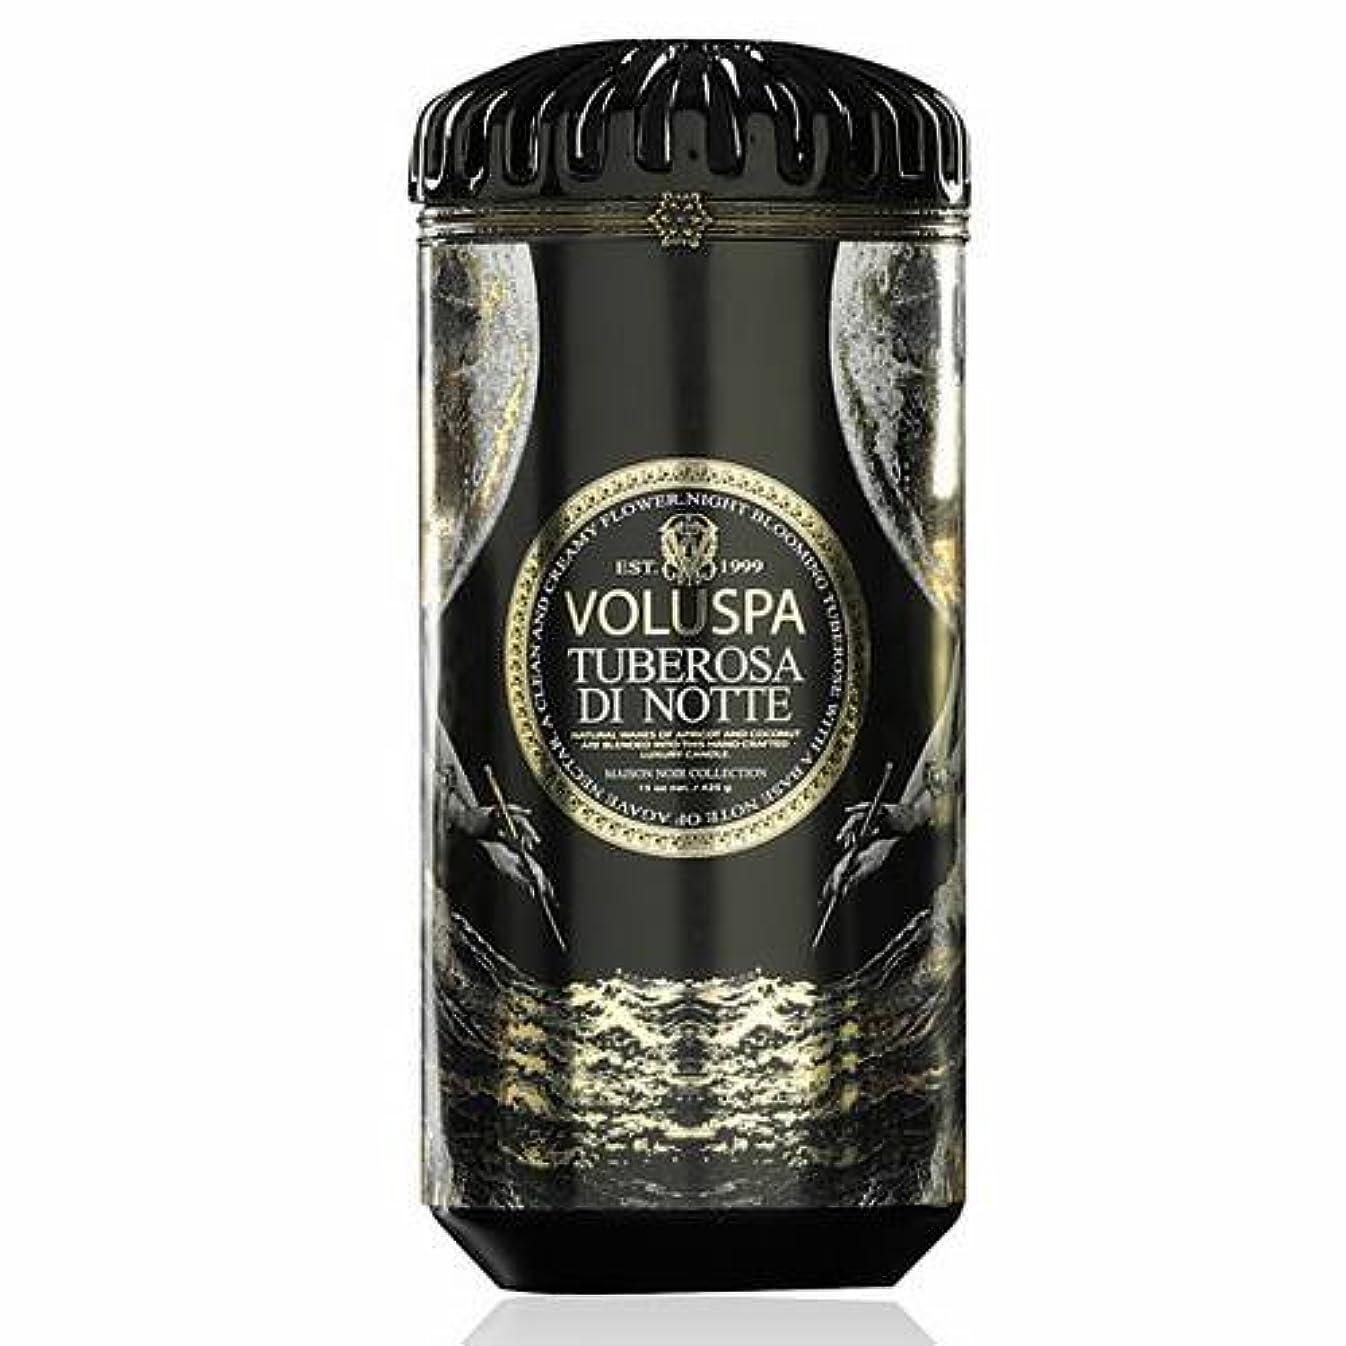 スタイル忠実またVoluspa ボルスパ メゾンノワール セラミックキャンドル チューベローズ ディ ノッテ MAISON NOIR Ceramic Candle TUBEROSA DI NOTTE